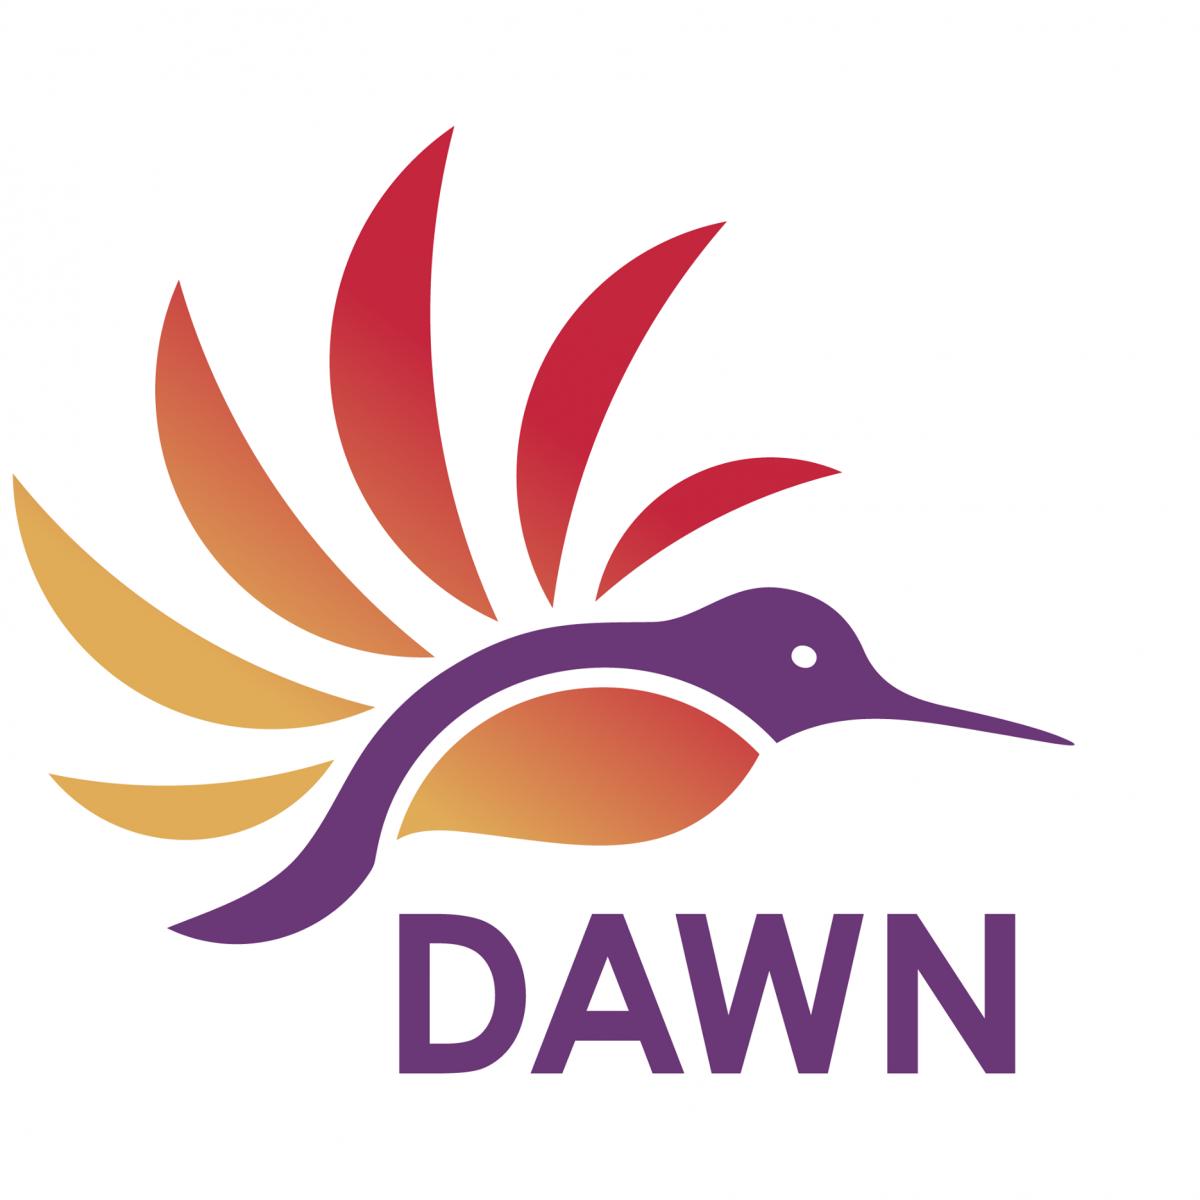 Logo de DAWN, un colibri.